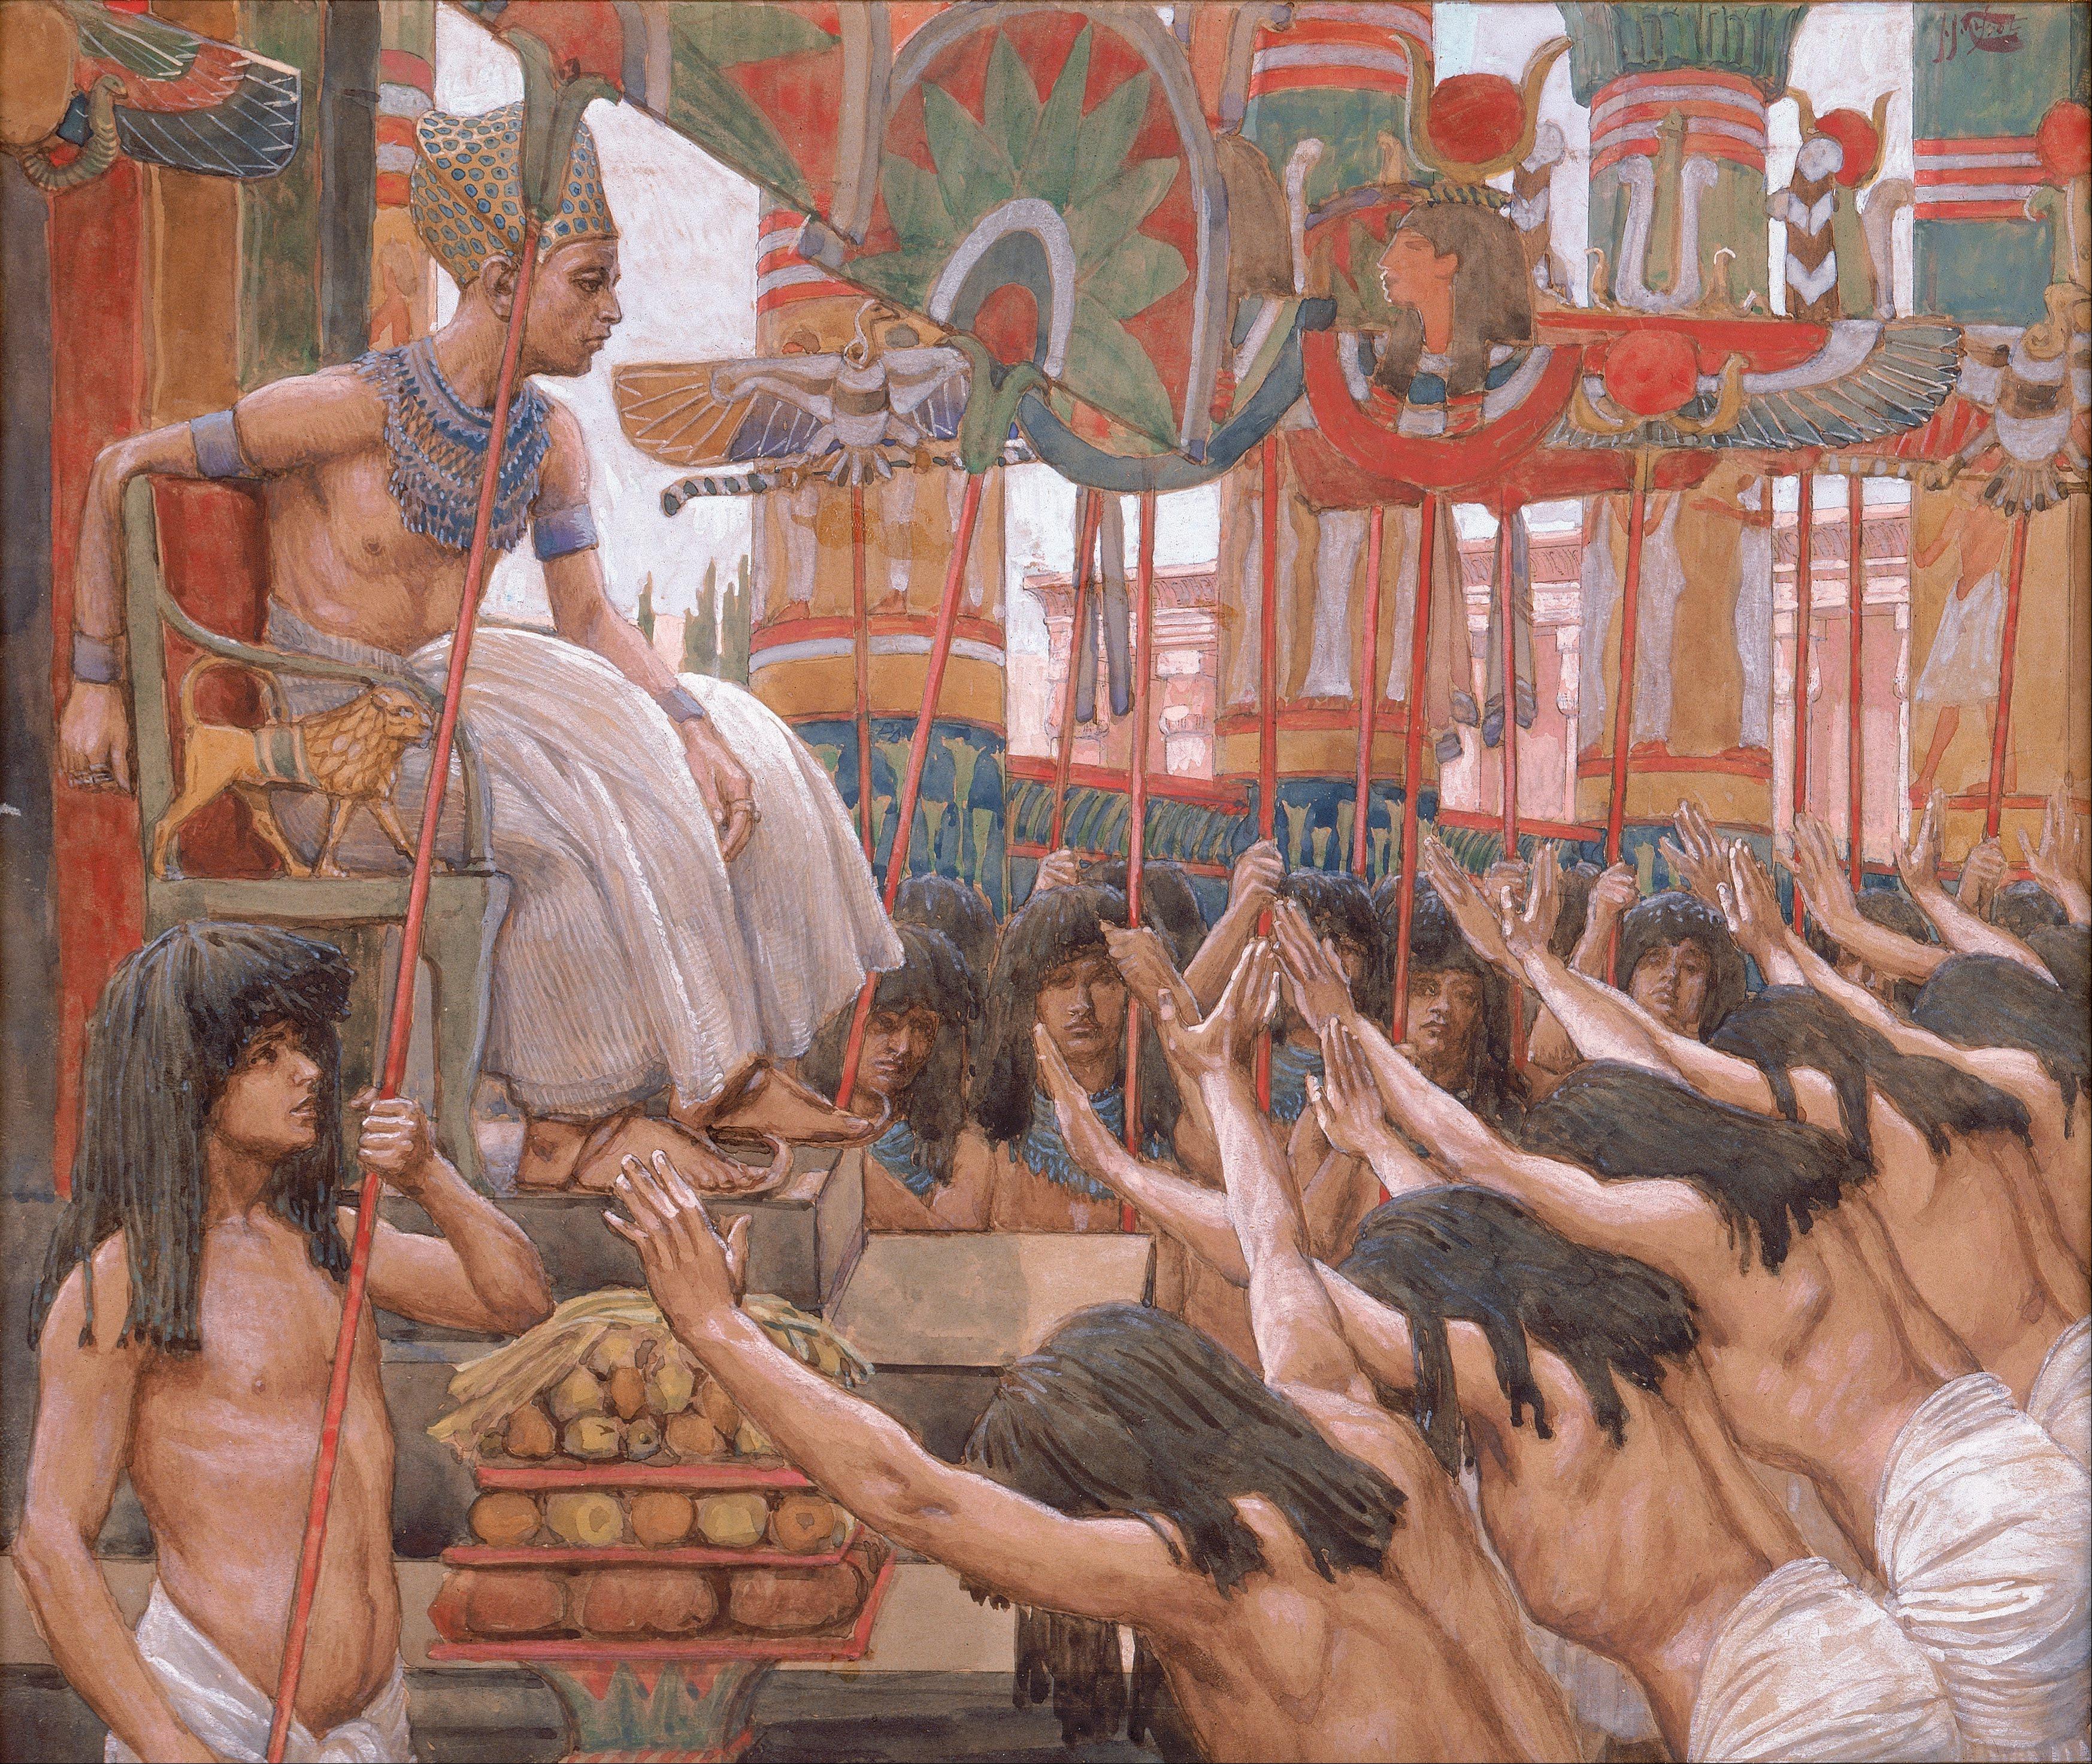 יוסף במצרים. Joseph in Egypt. James Joseph Tissot . 1836 - 1902